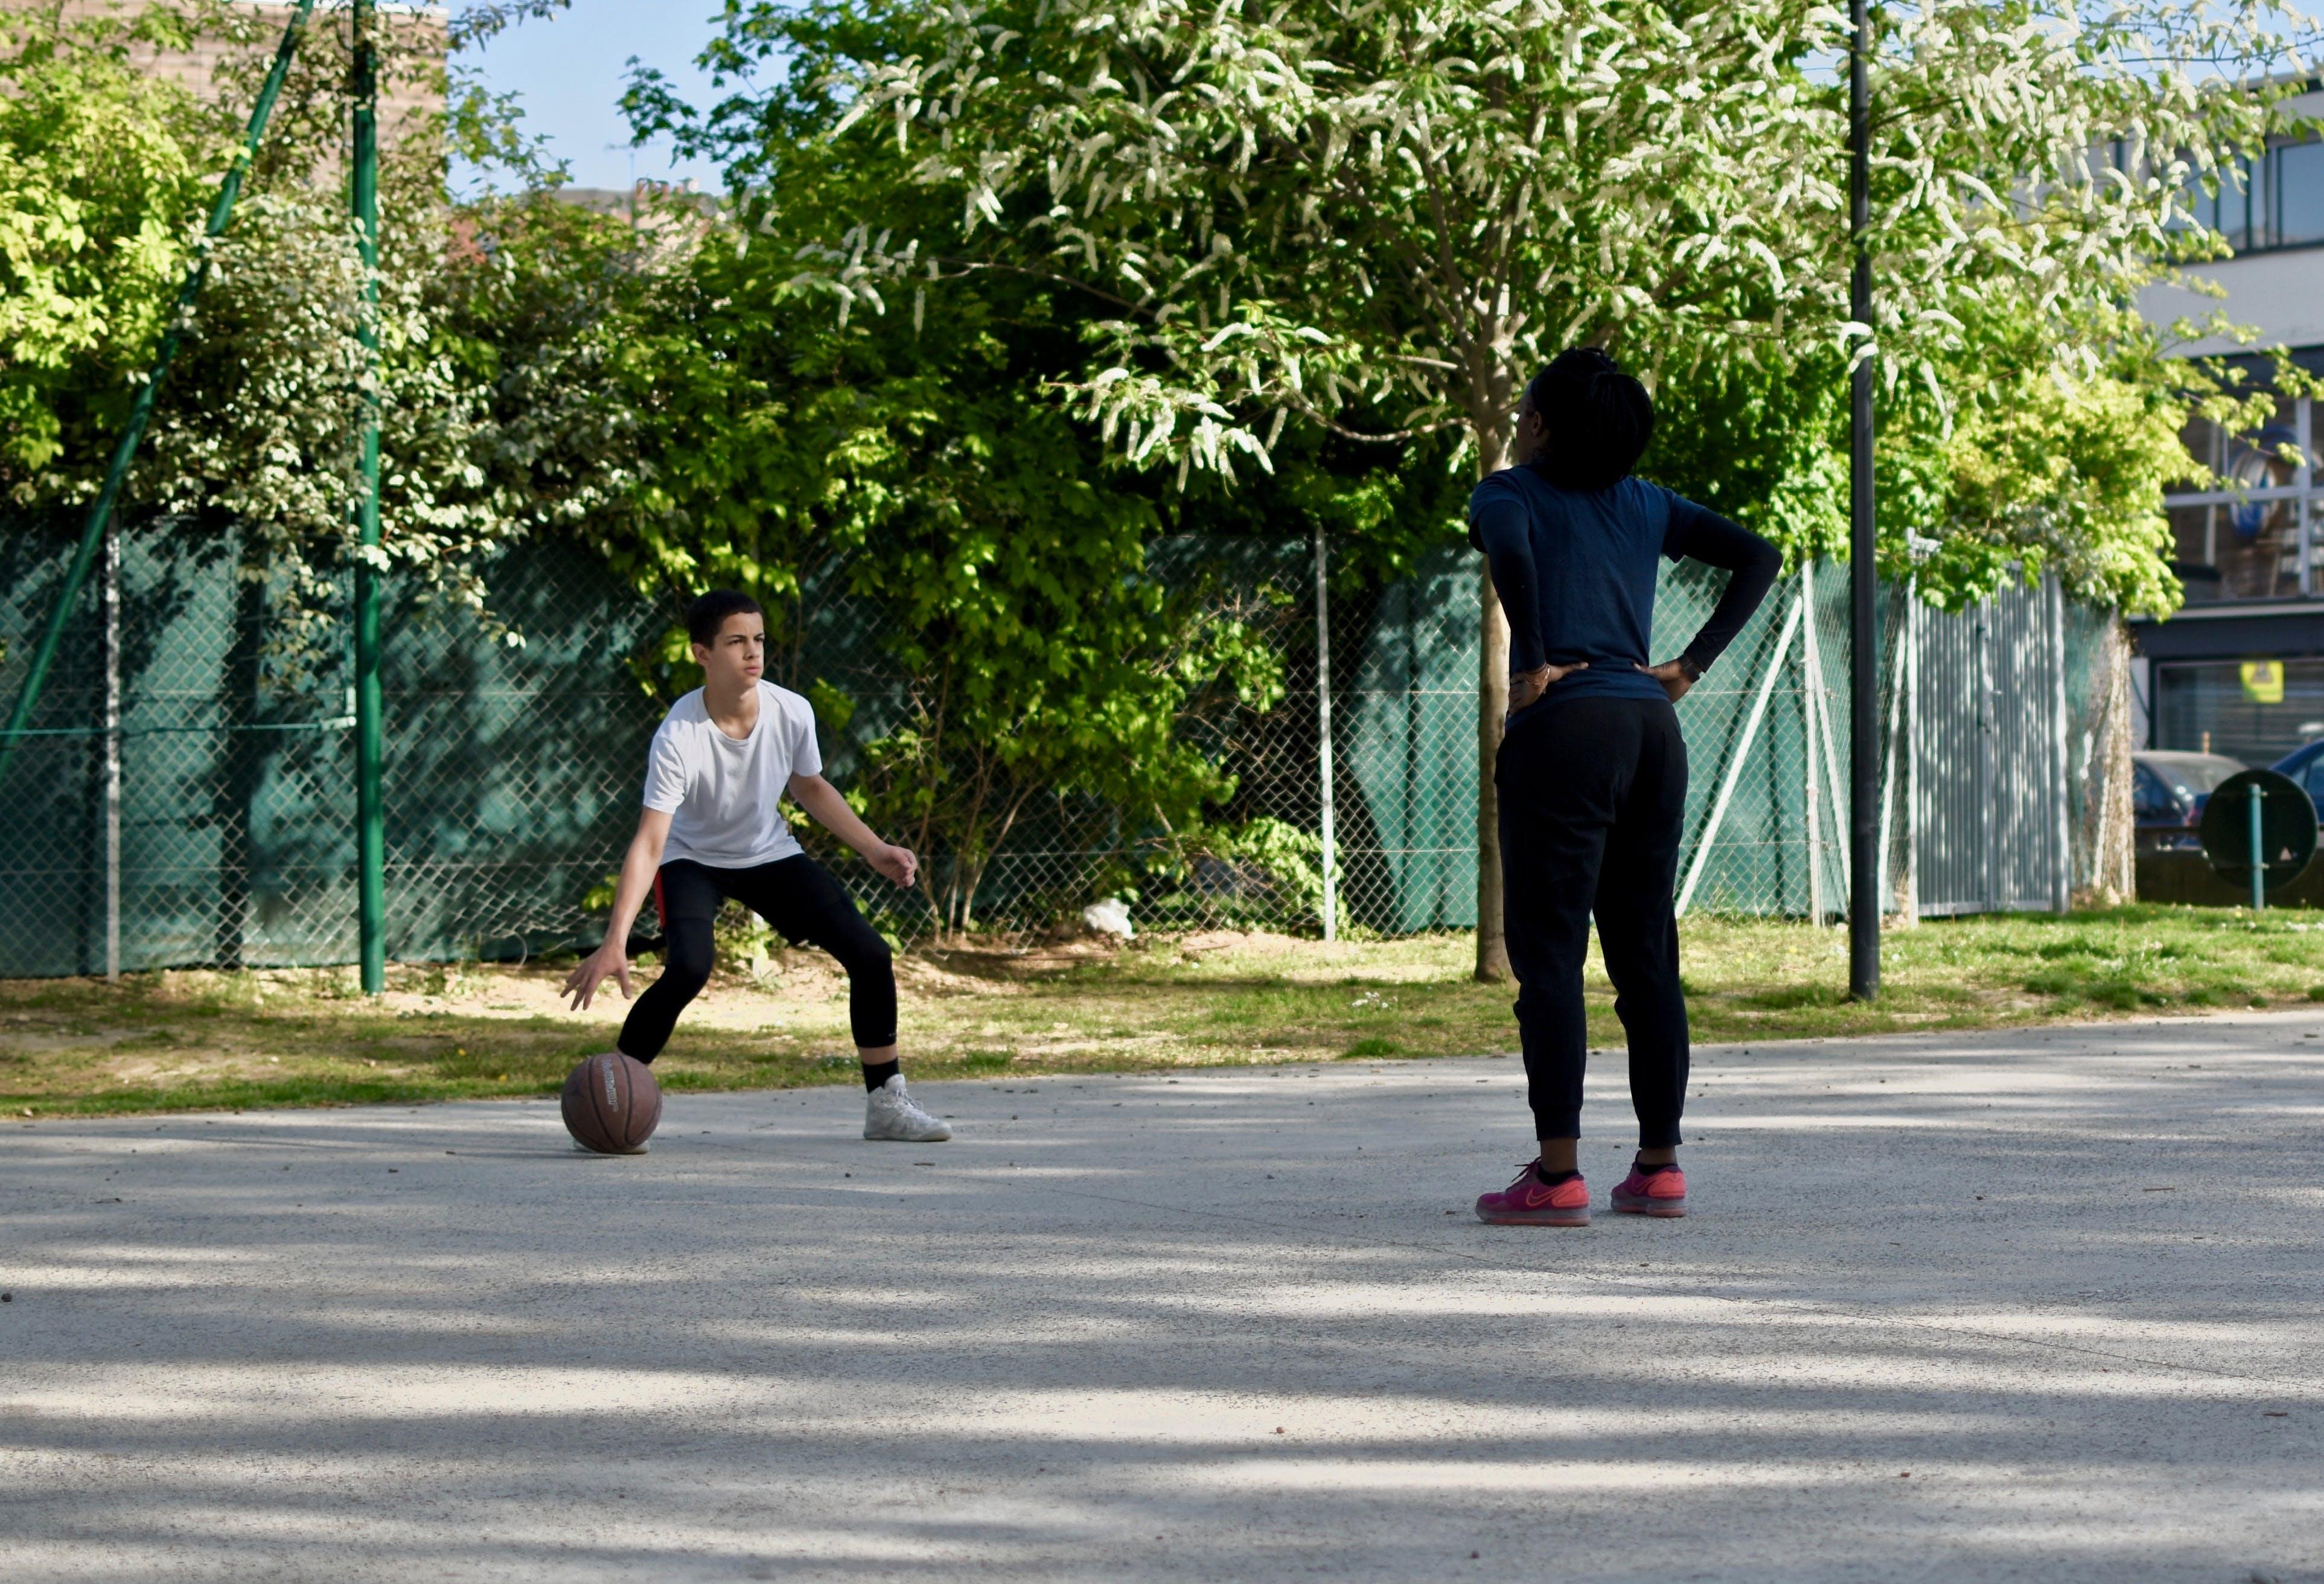 Ảnh lưu trữ miễn phí về bóng rổ, công viên, giải trí, môn chơi